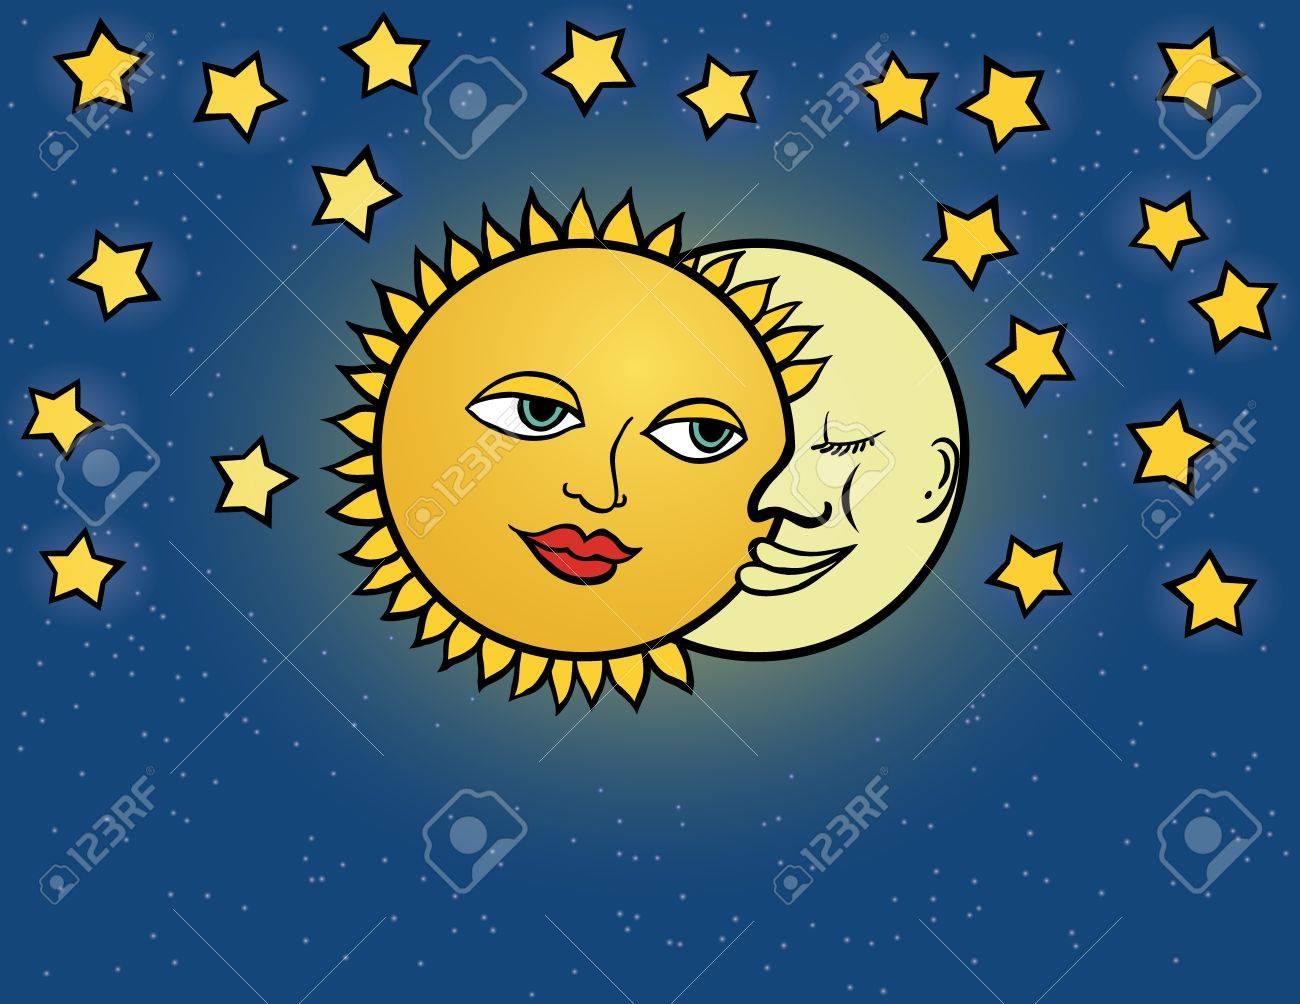 moon sun, illustration Stock Vector - 17775297